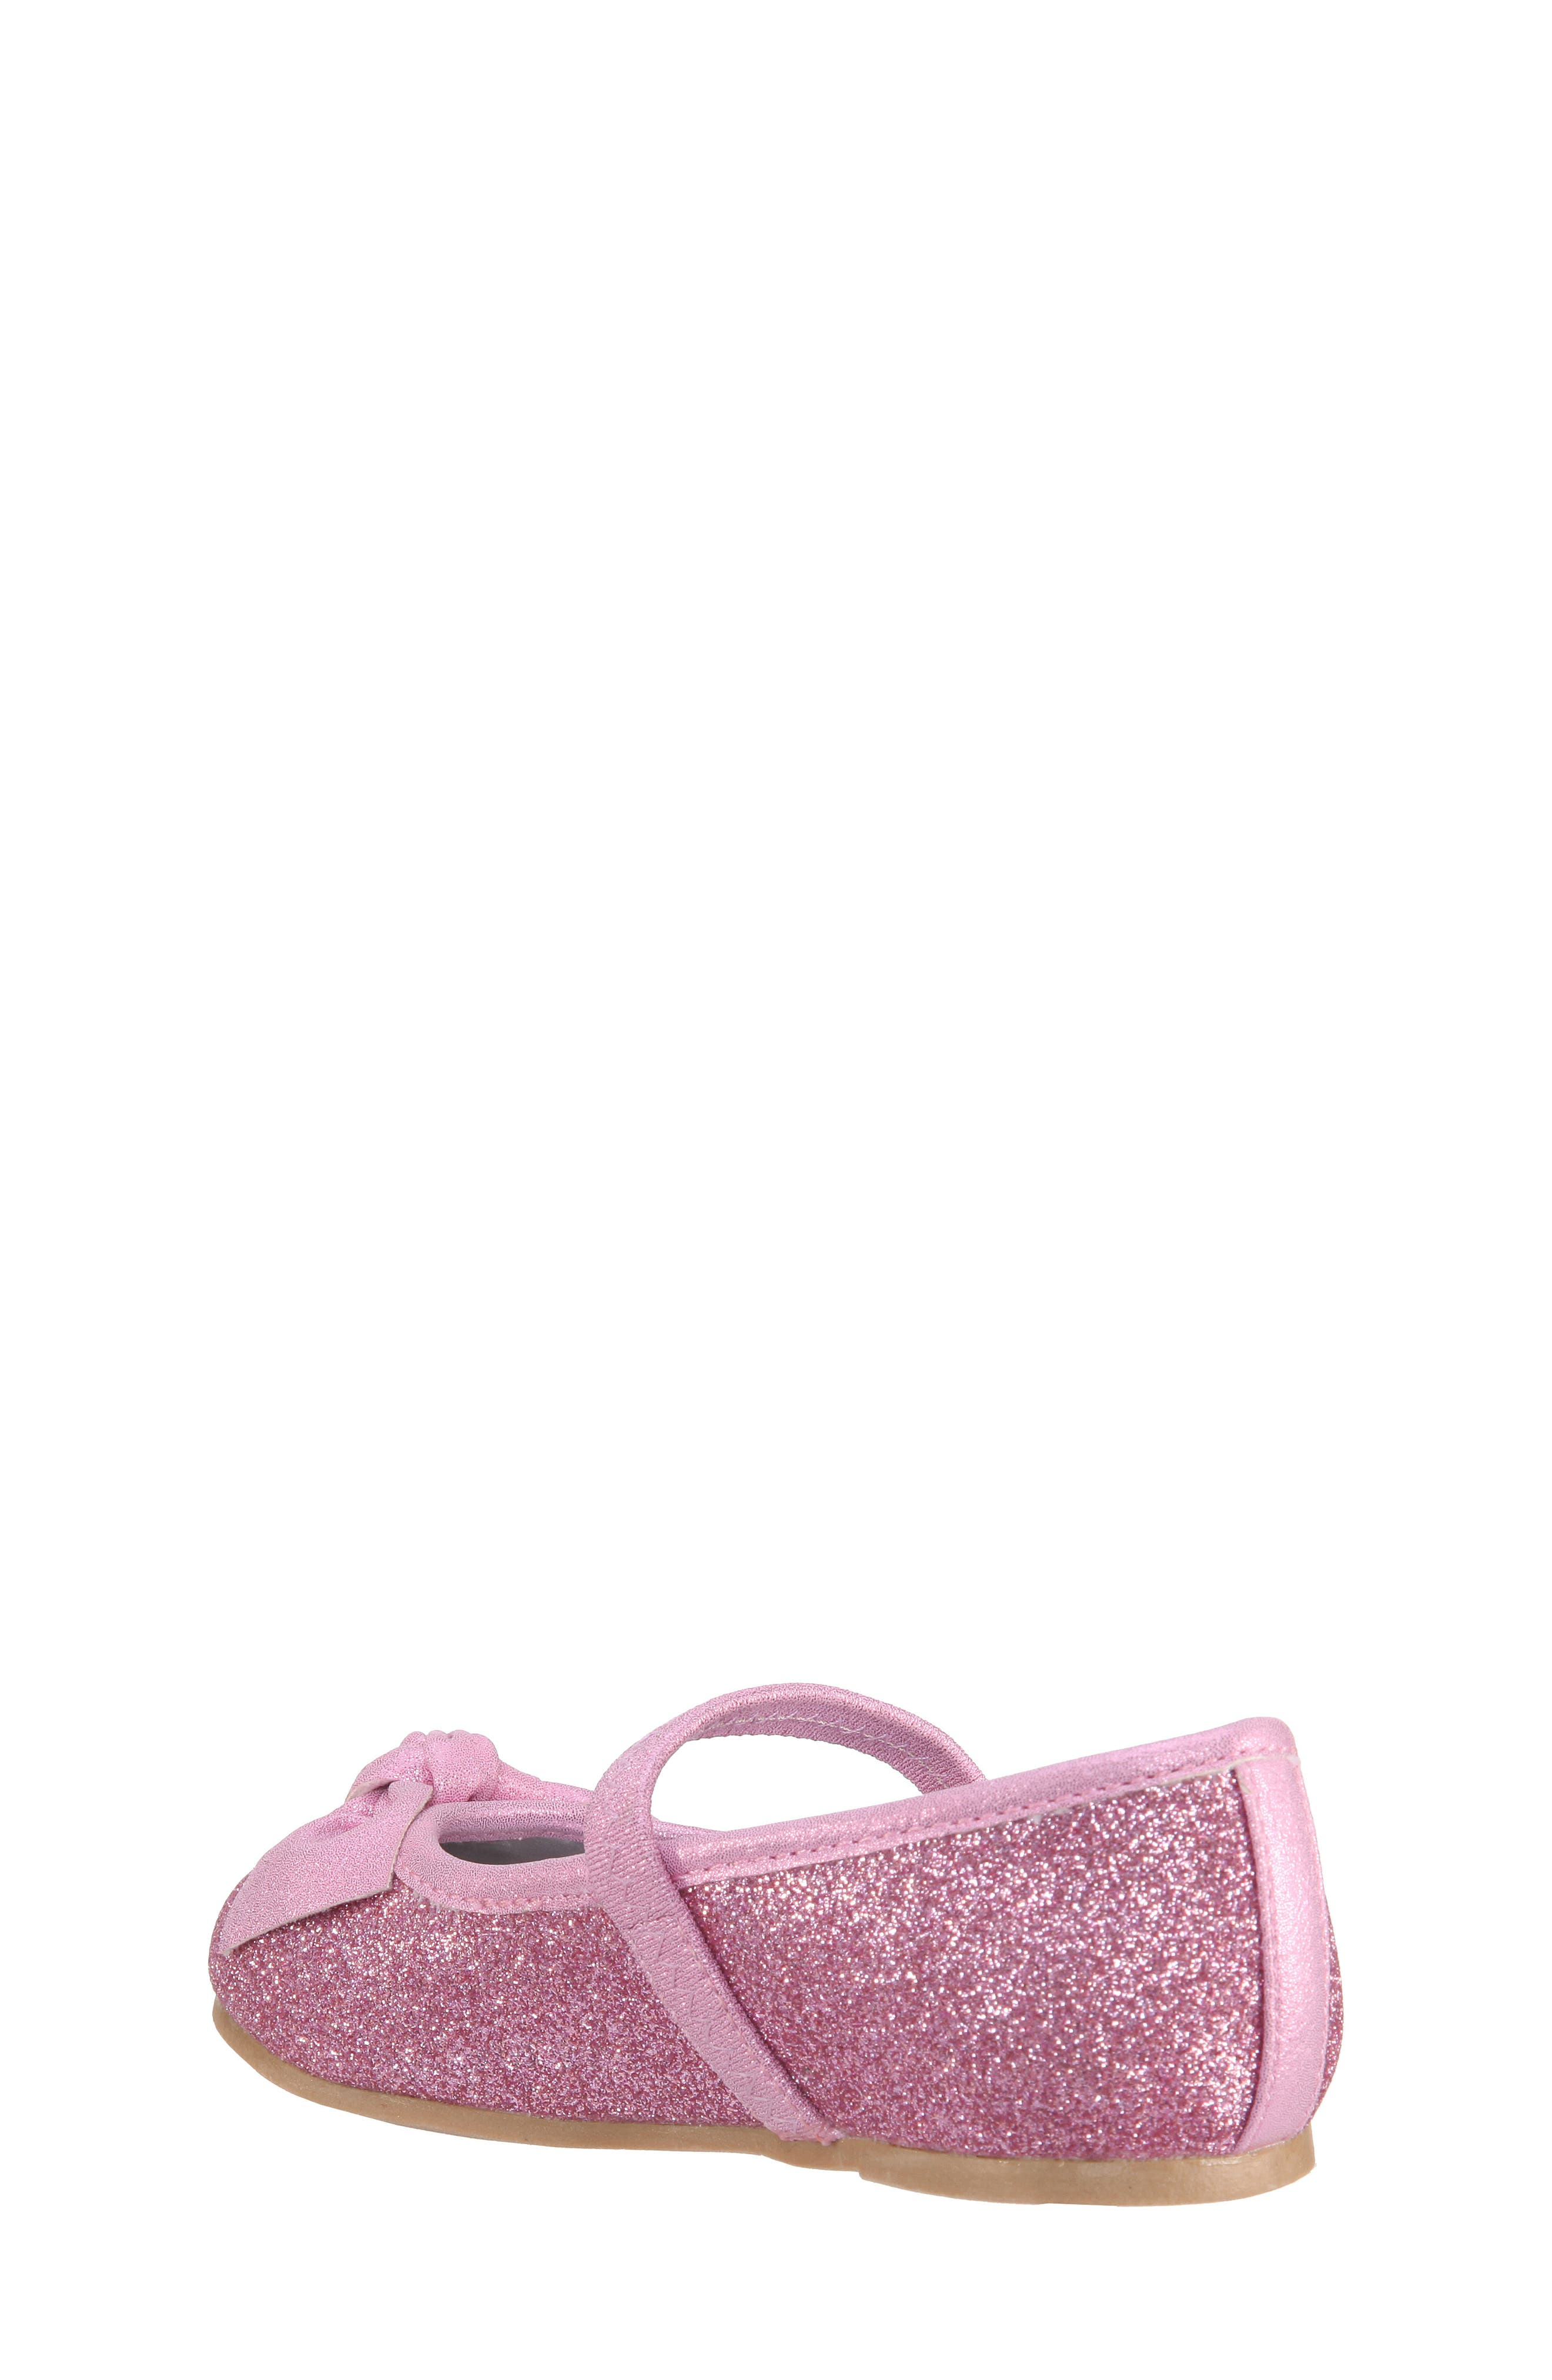 Larabeth-T Glitter Bow Ballet Flat,                             Alternate thumbnail 2, color,                             Light Pink Metallic/ Glitter